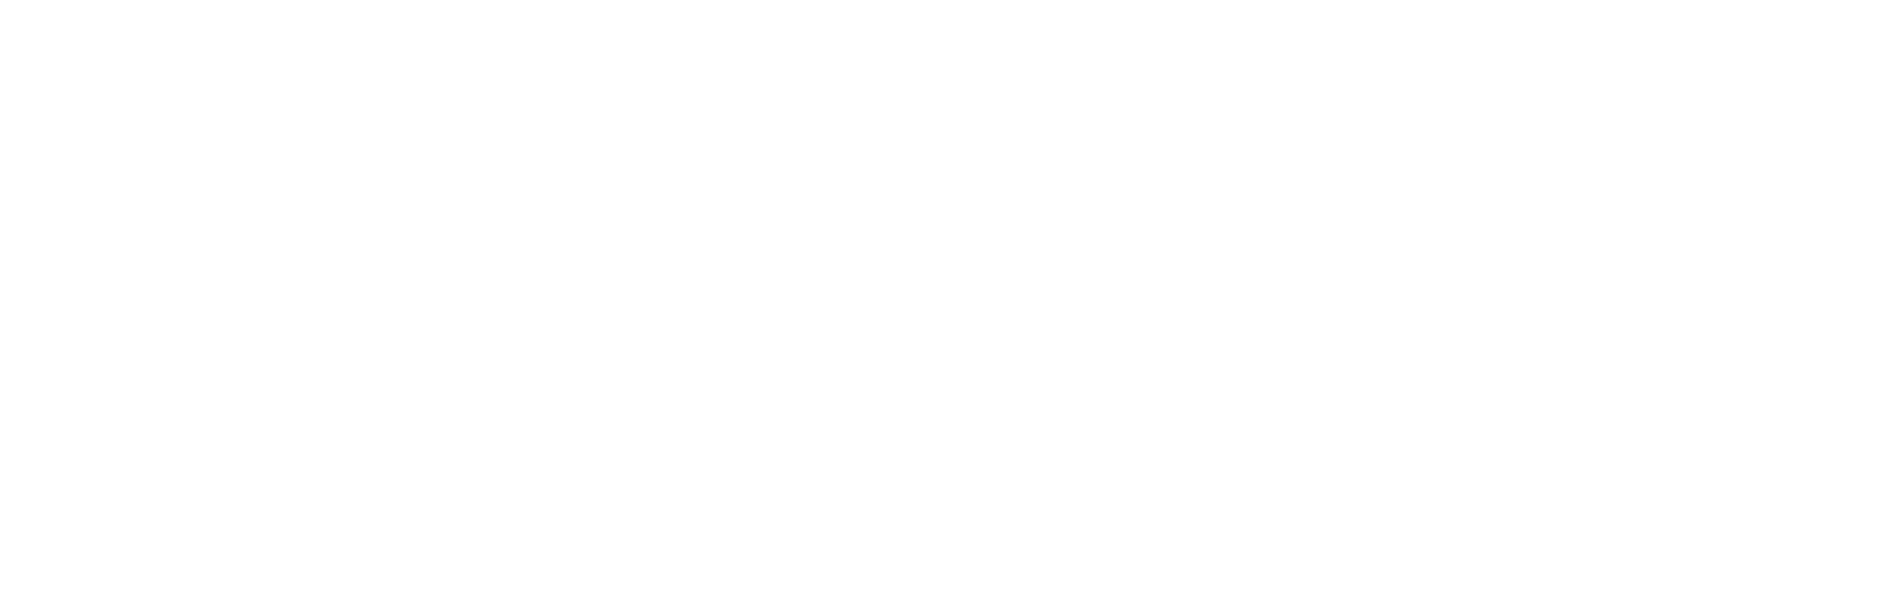 Spoor logo